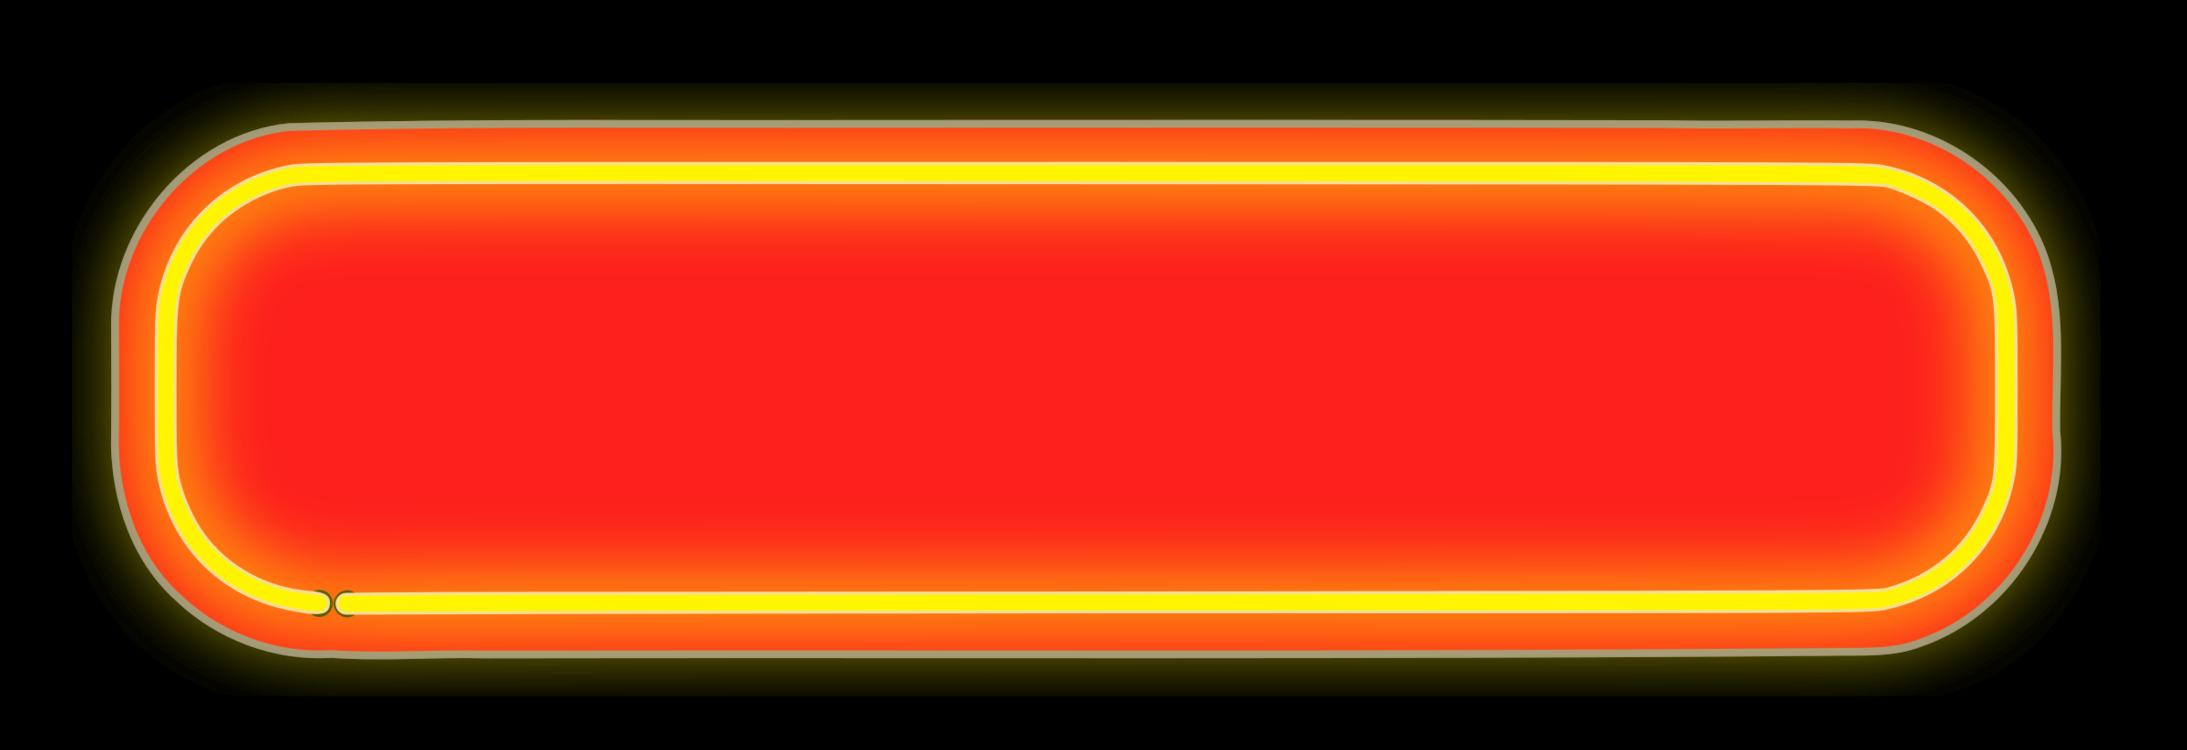 Angle,Yellow,Computer Wallpaper